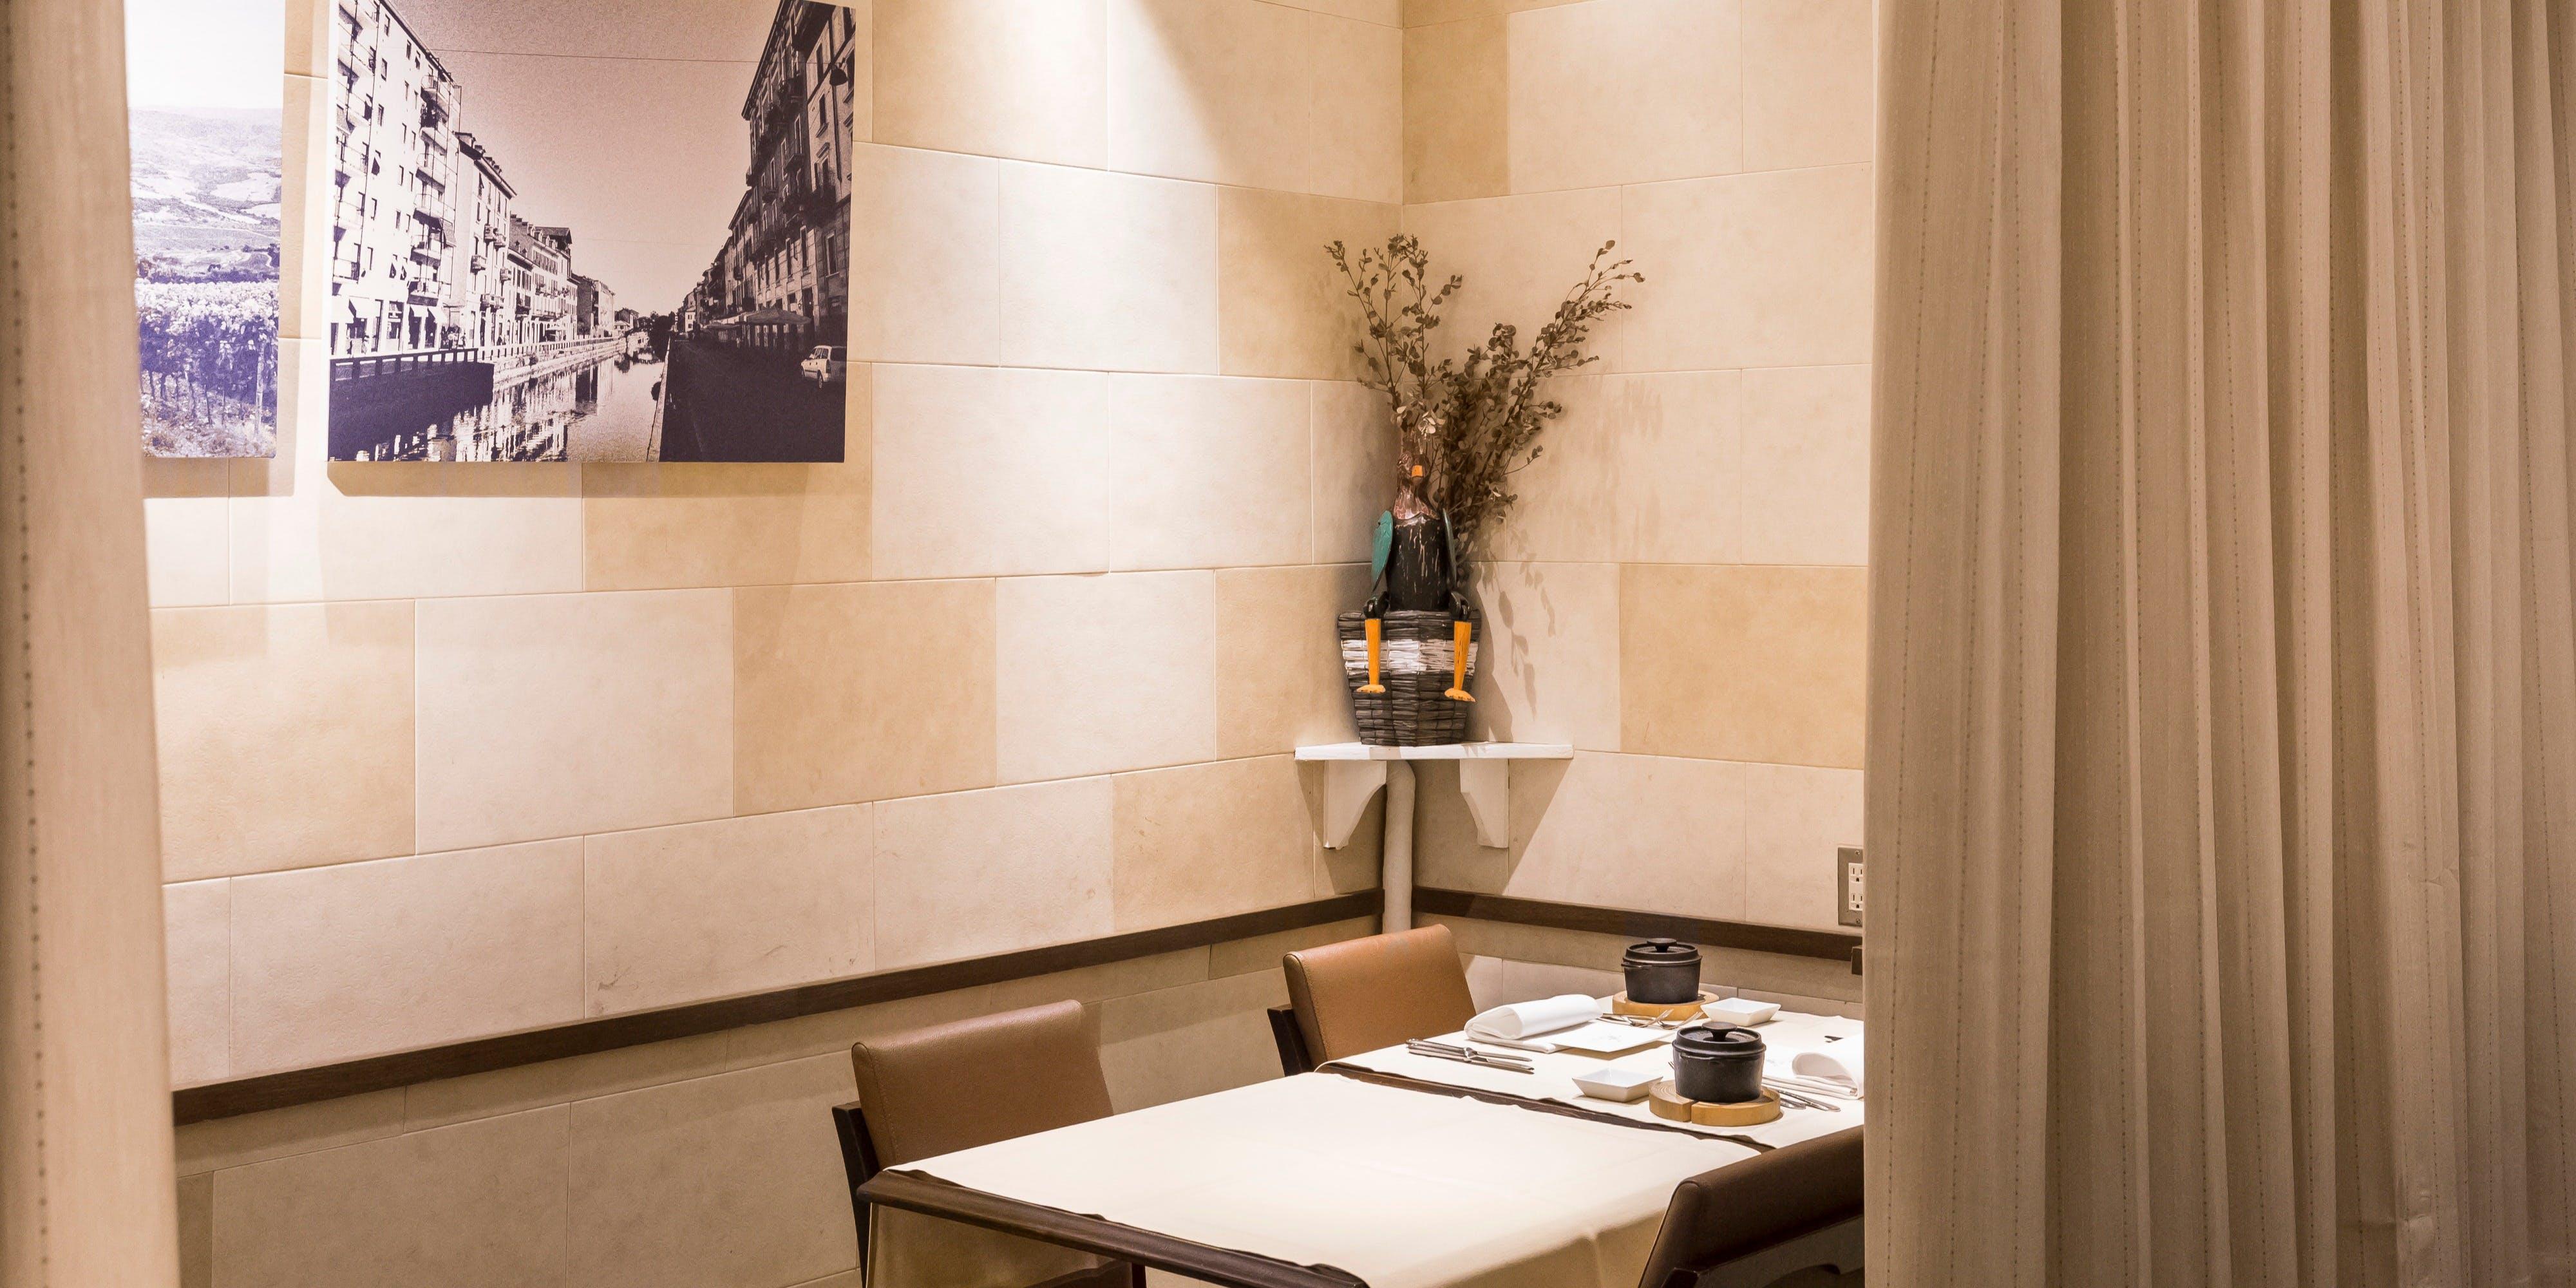 記念日におすすめのレストラン・テラットリア エッフェの写真2